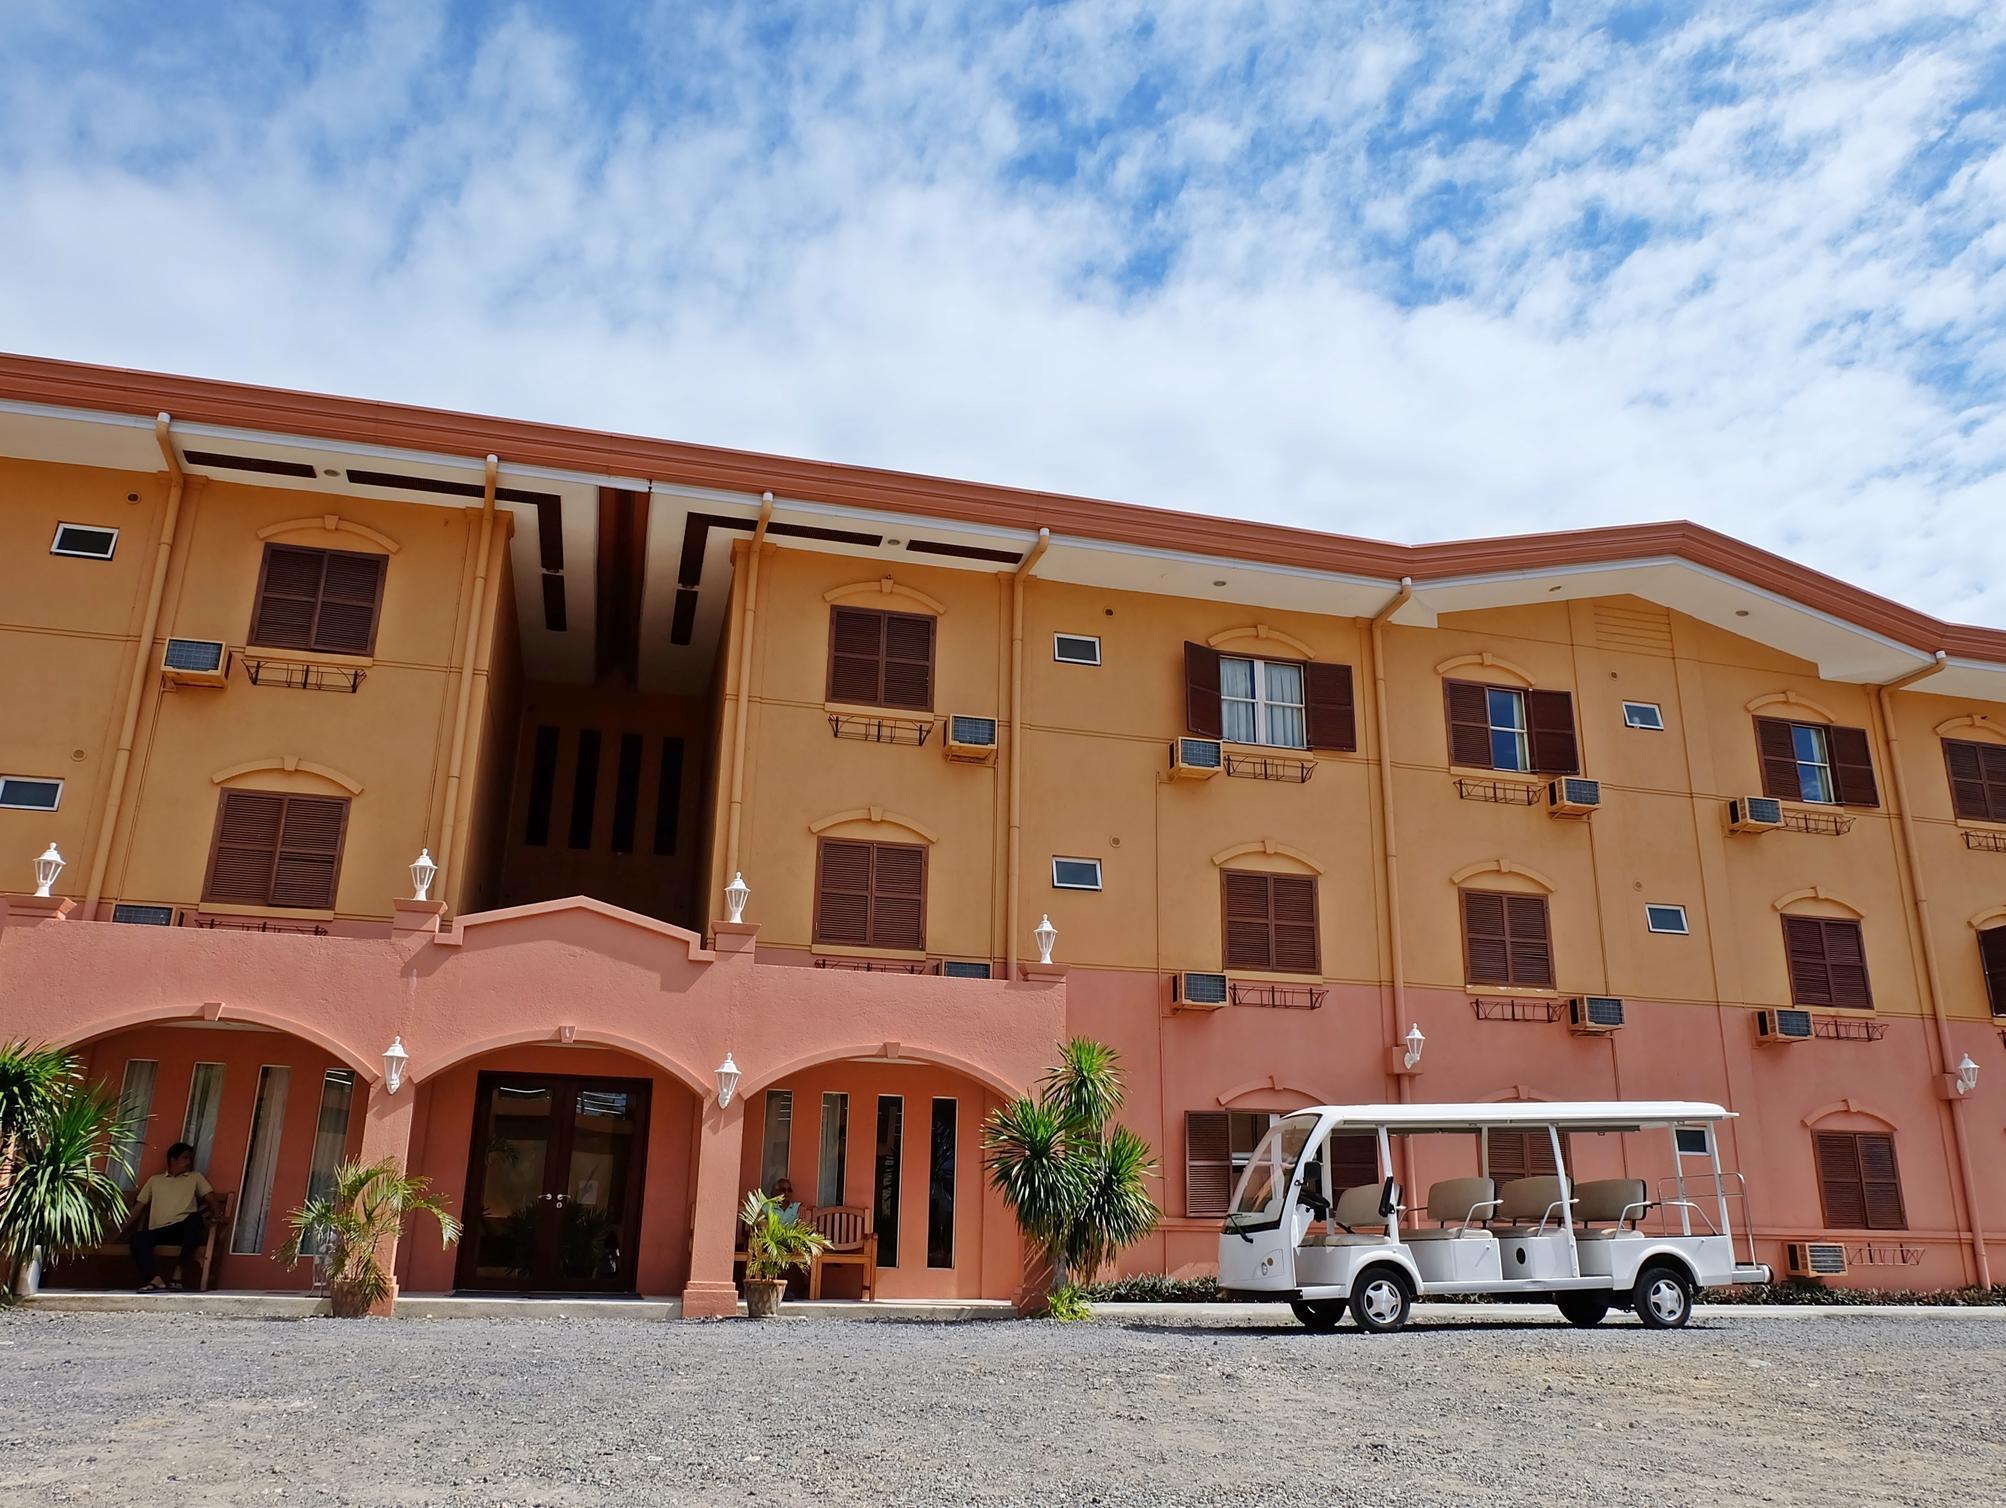 Casablanca Gardens Apartments, Lapu-Lapu City